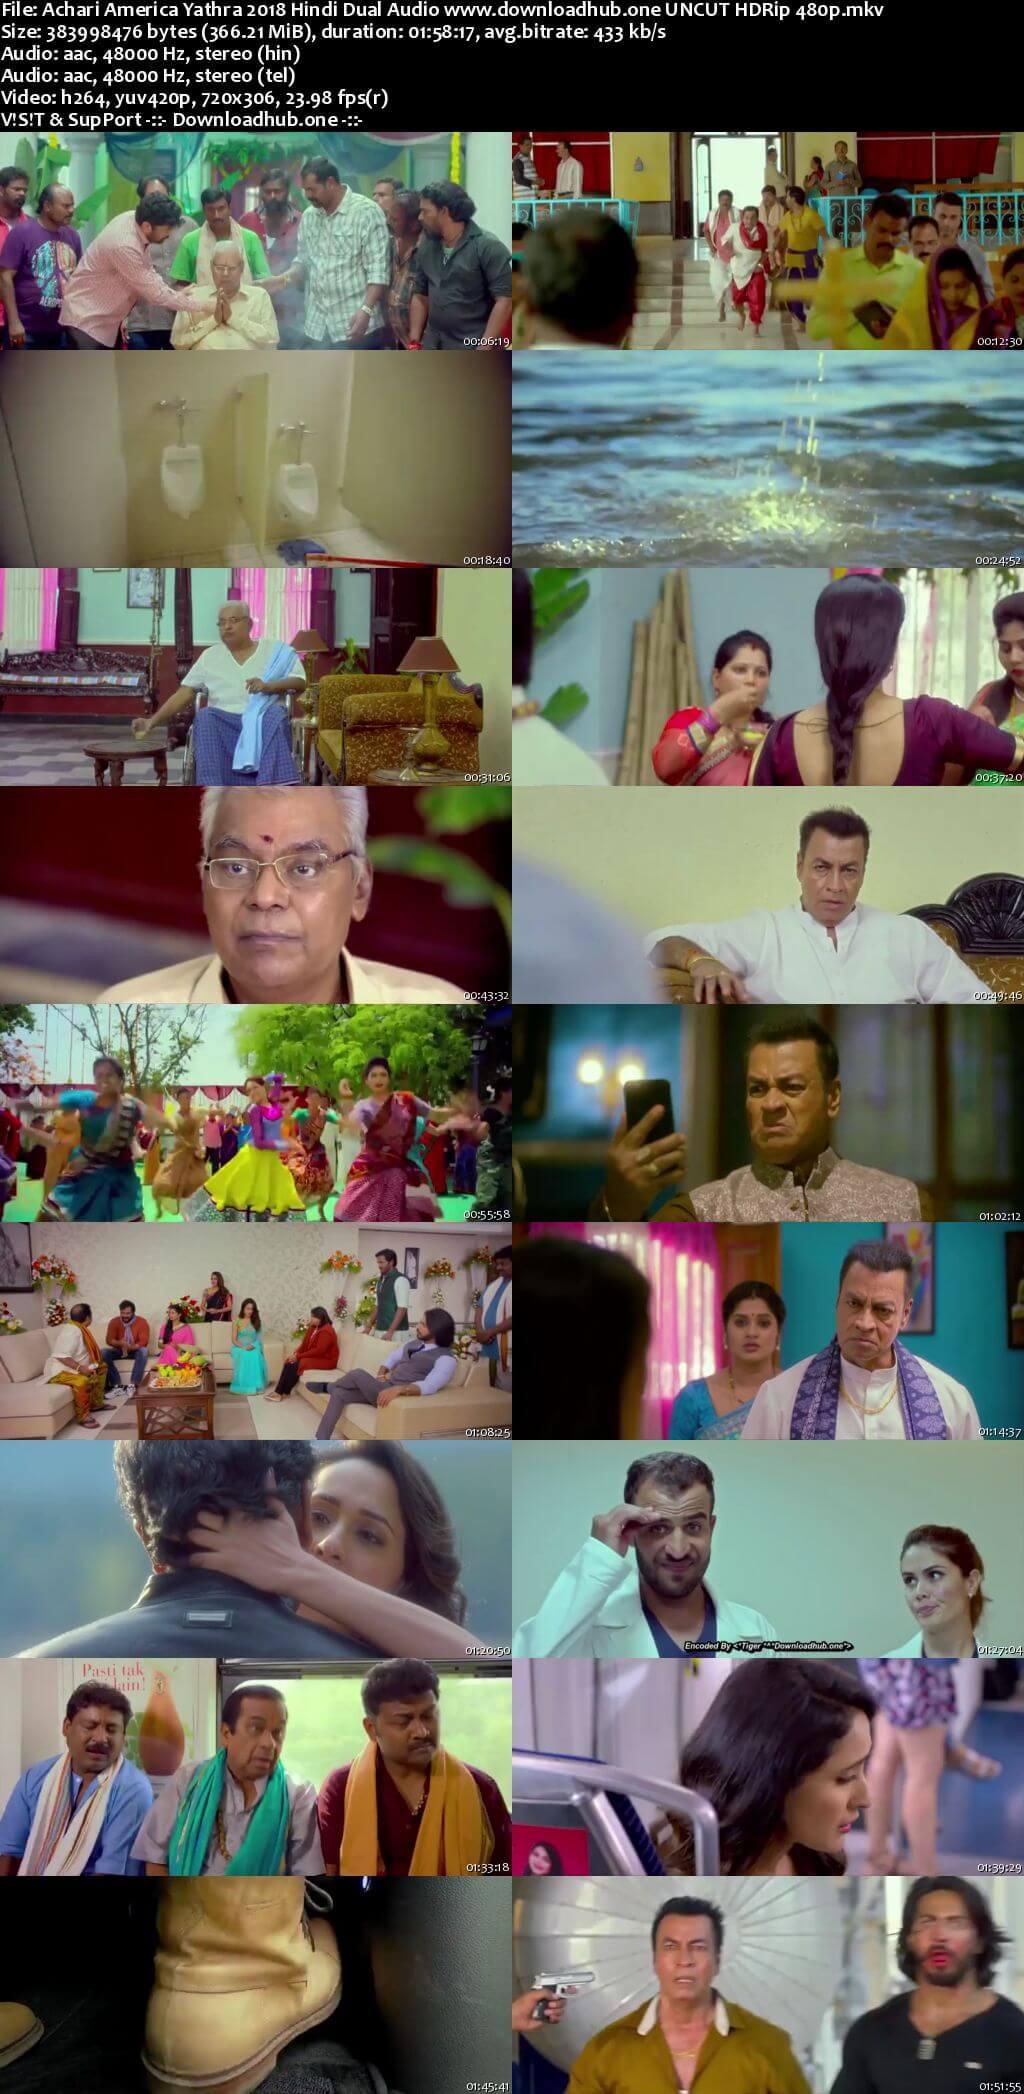 Achari America Yathra 2018 Hindi Dual Audio 350MB UNCUT HDRip 480p